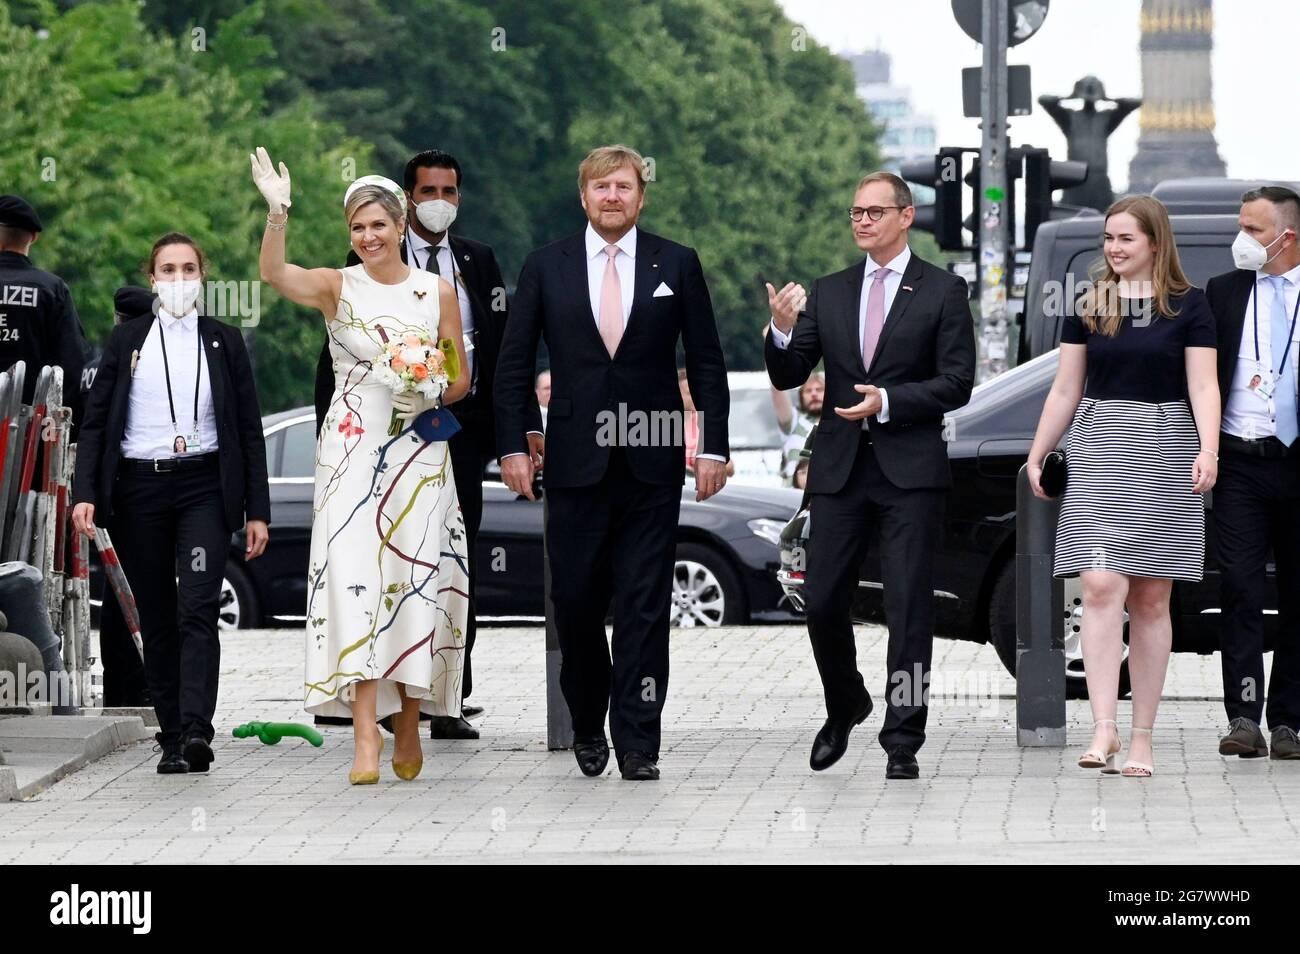 La reine Maxima, le roi Willem-Alexander des pays-Bas et Michael Mueller visitent le Brandenburger Tor le 5 juillet 2021 à Berlin, en Allemagne. Banque D'Images